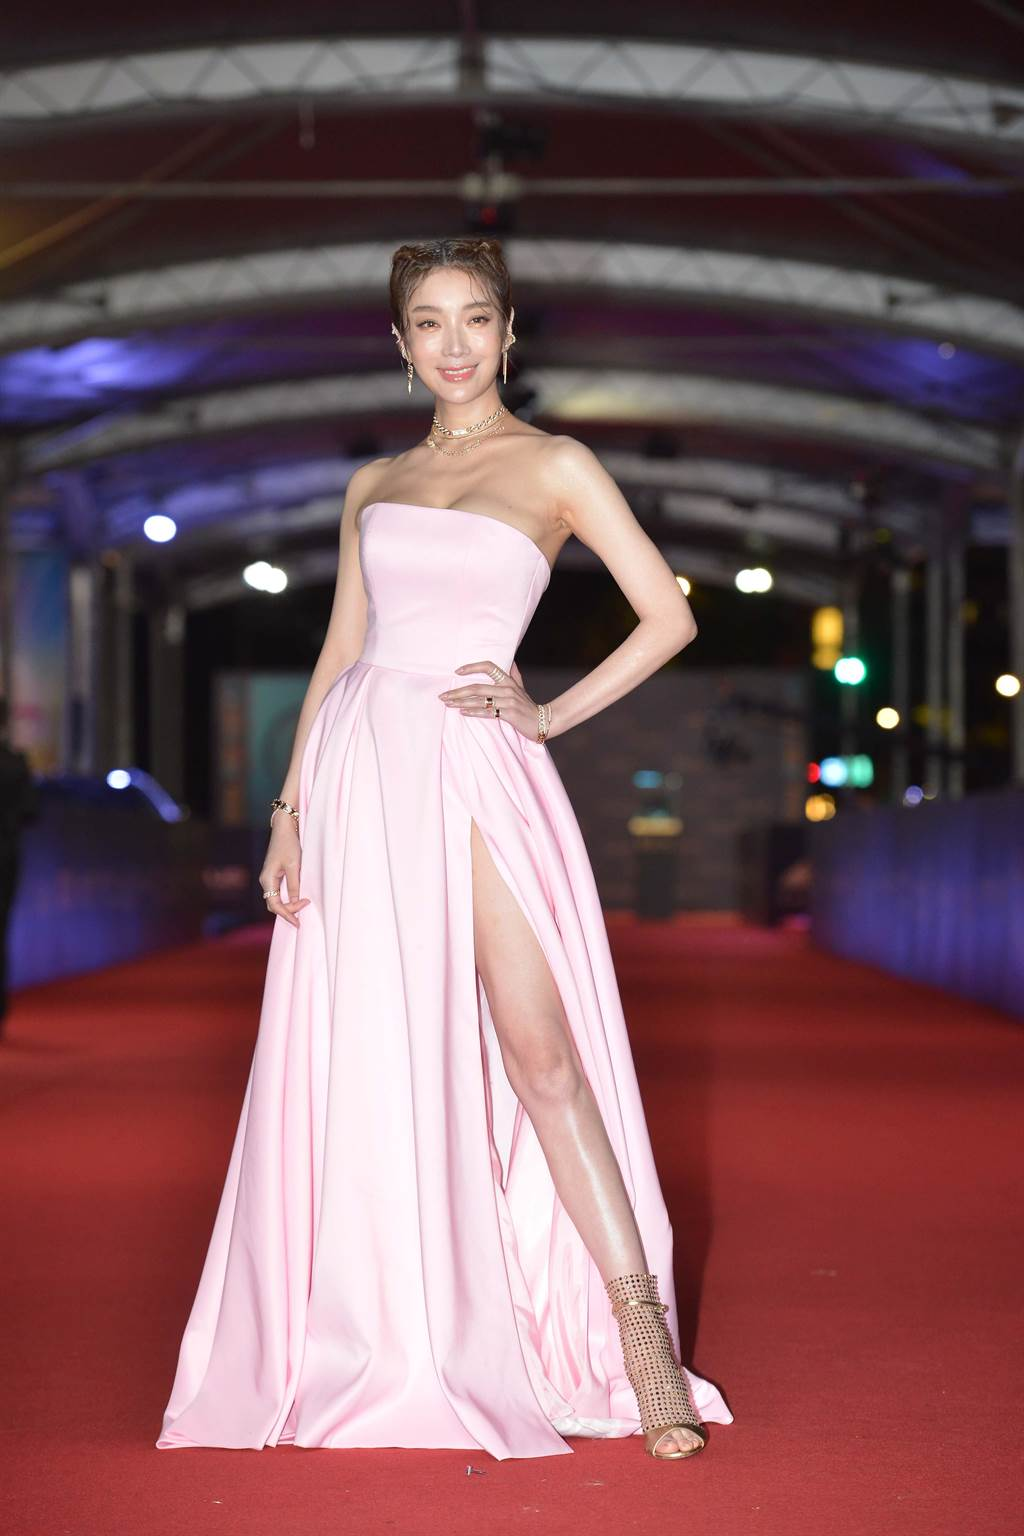 蔡淑臻穿服裝設計師林薇Linwei-Wedding粉紅色訂製禮服走紅毯。(本報攝影組)